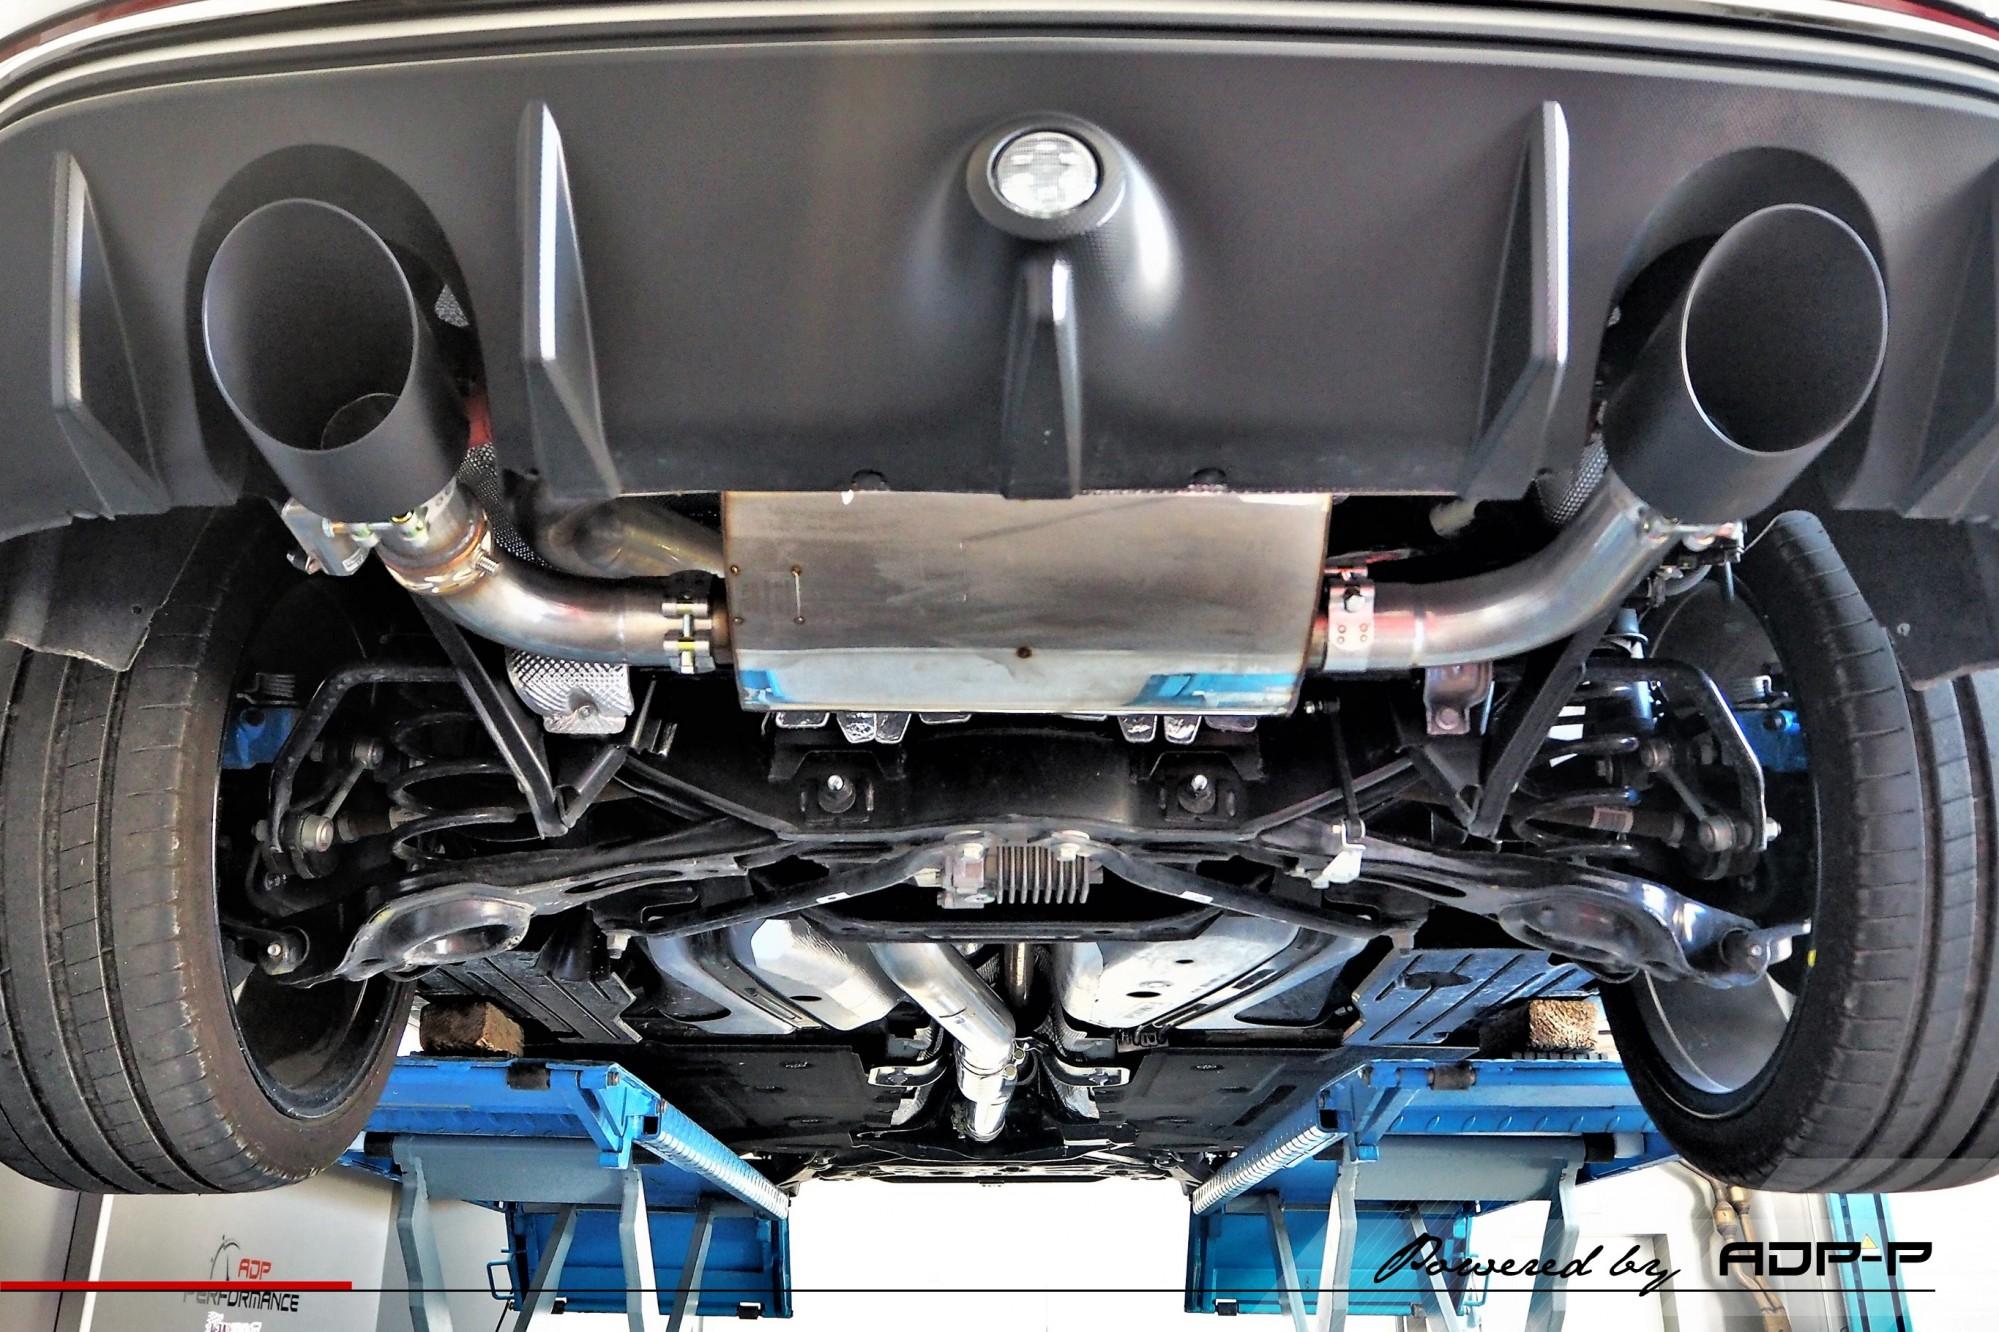 Ligne complète Milltek Nimes - Ford Focus RS 2.3T Ecoboost 350cv - ADP Performance